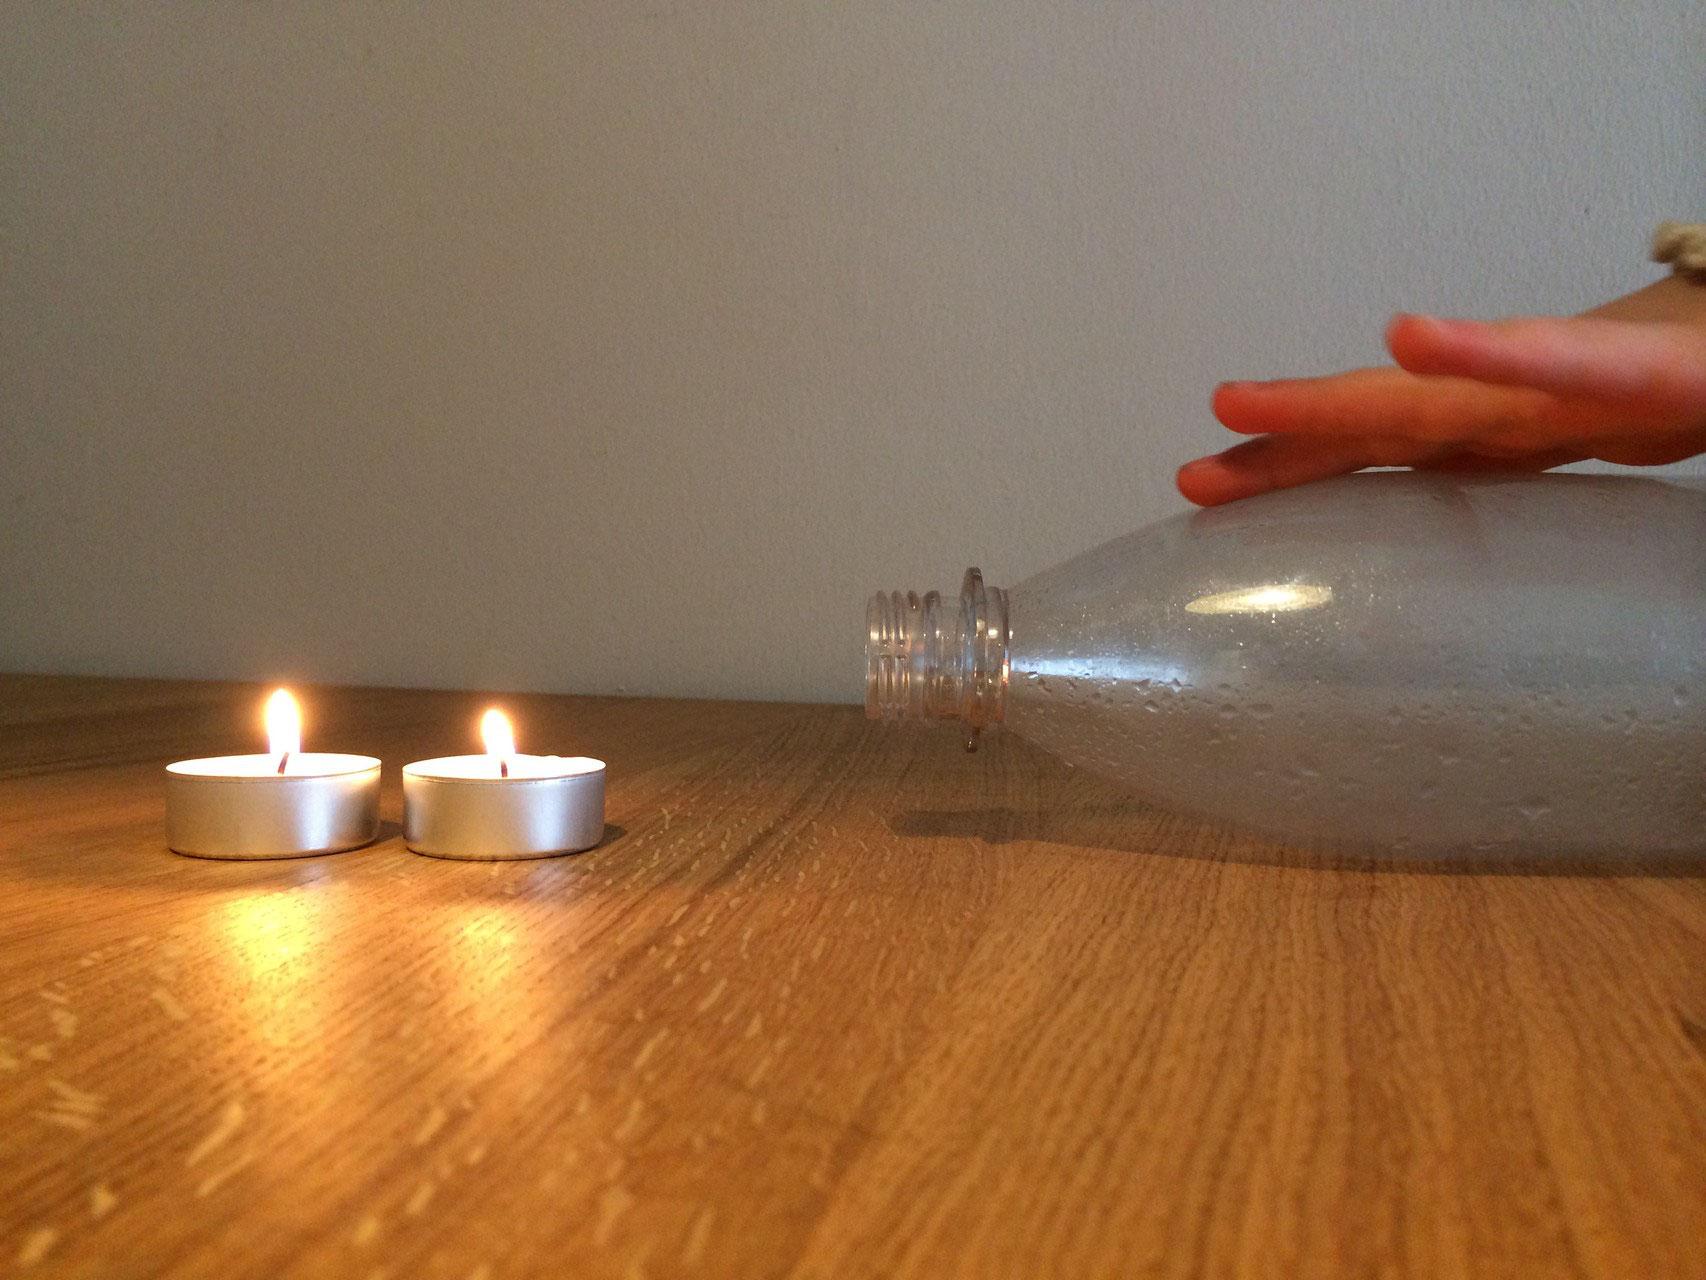 Experimente Für Kleine Forscher - Kleine-Forscher ganzes Feuer Experimente Für Kindergartenkinder